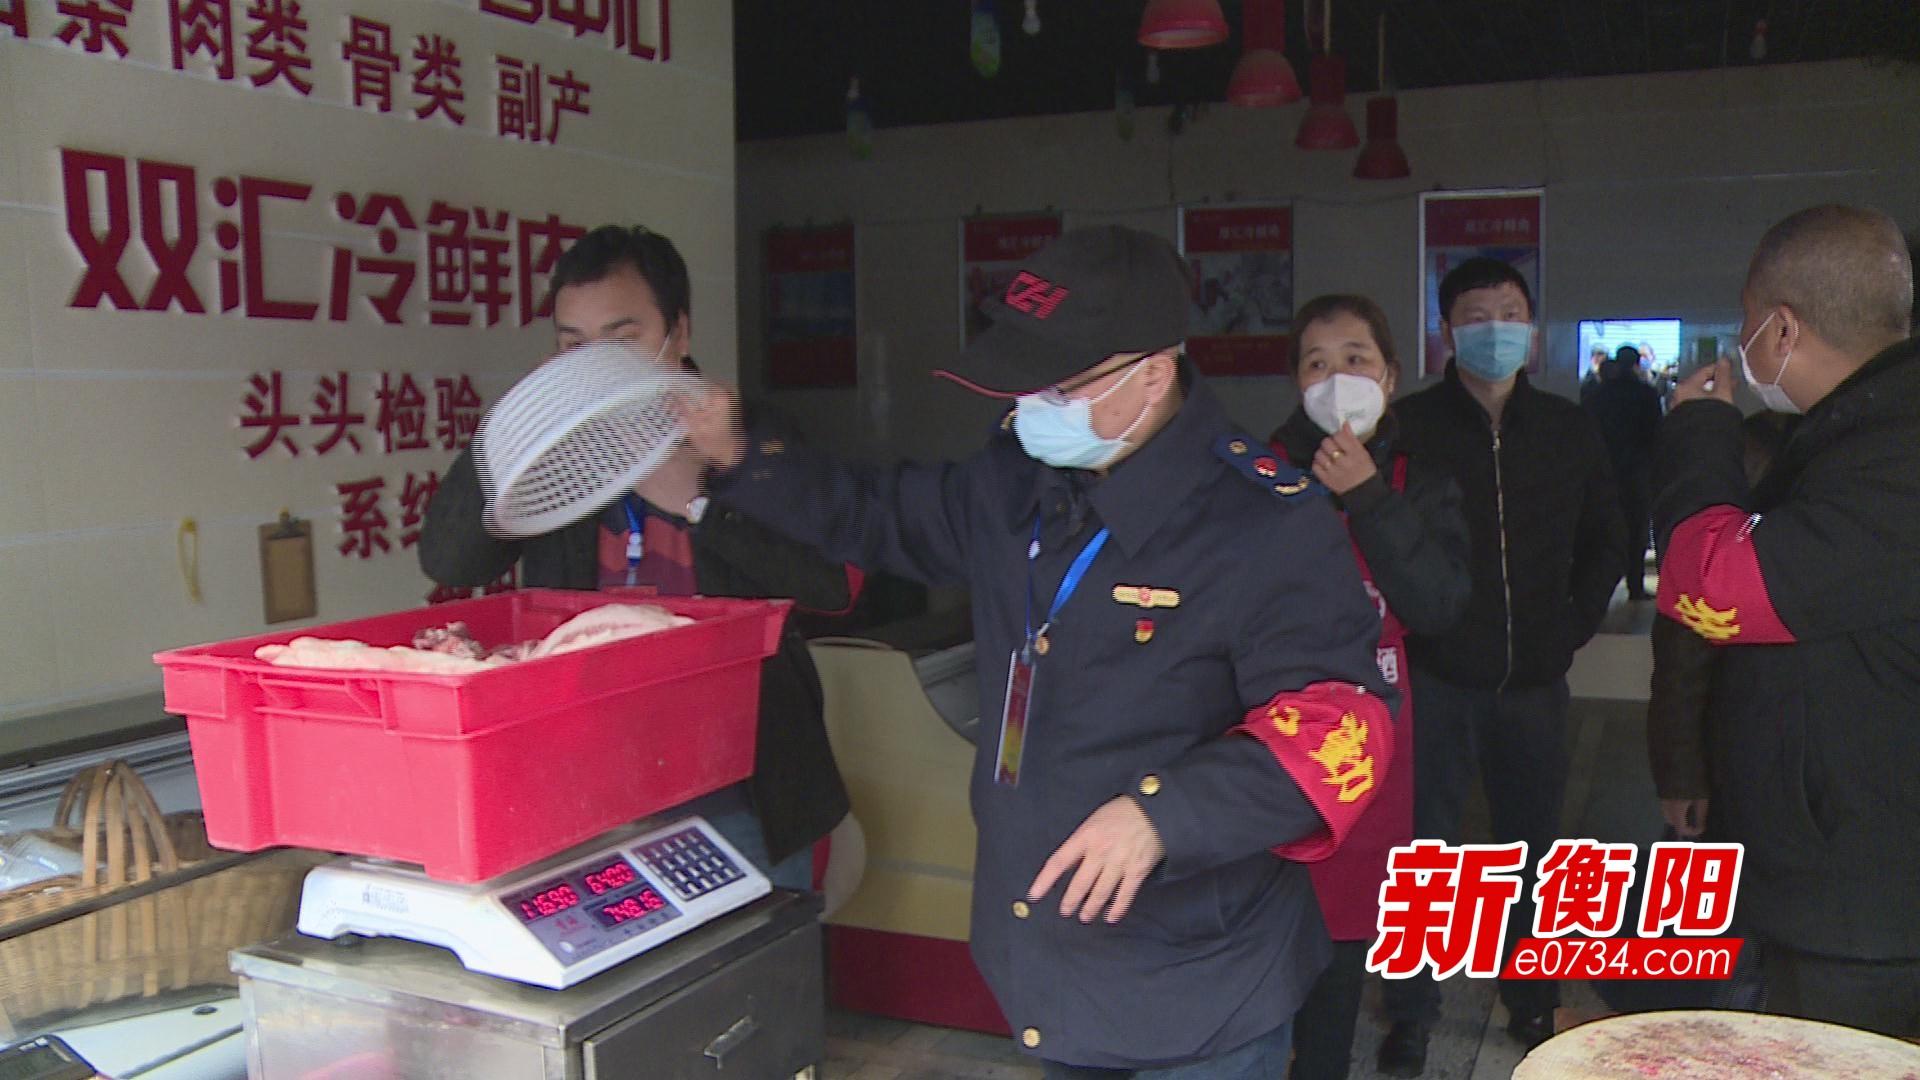 衡南县因为市场监督管理局依法查处一起哄抬猪肉价格的违法行为